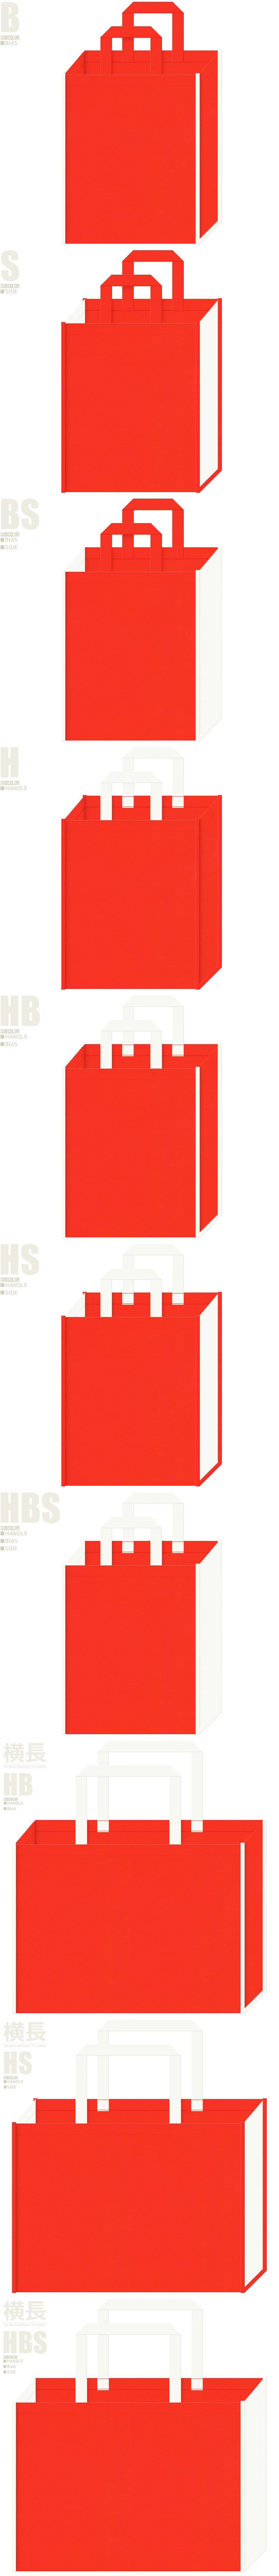 キッチン・ビタミン・サプリメント・ランチバッグにお奨めの不織布バッグデザイン:オレンジ色とオフホワイト色の配色7パターン